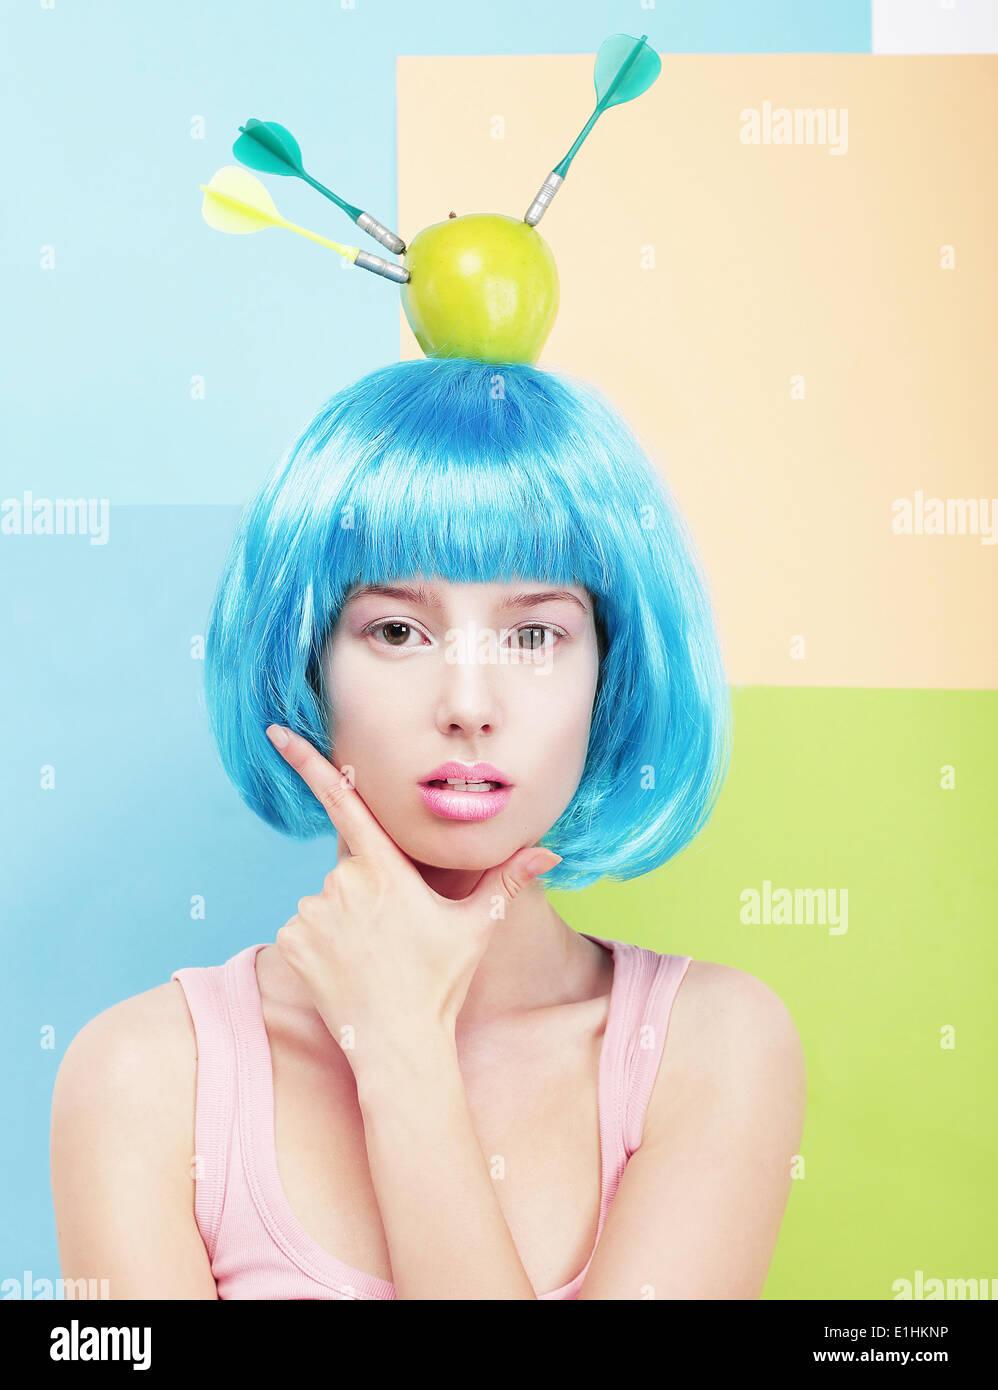 La créativité. Femme aux cheveux bleus peints et Apple sur sa tête Photo Stock